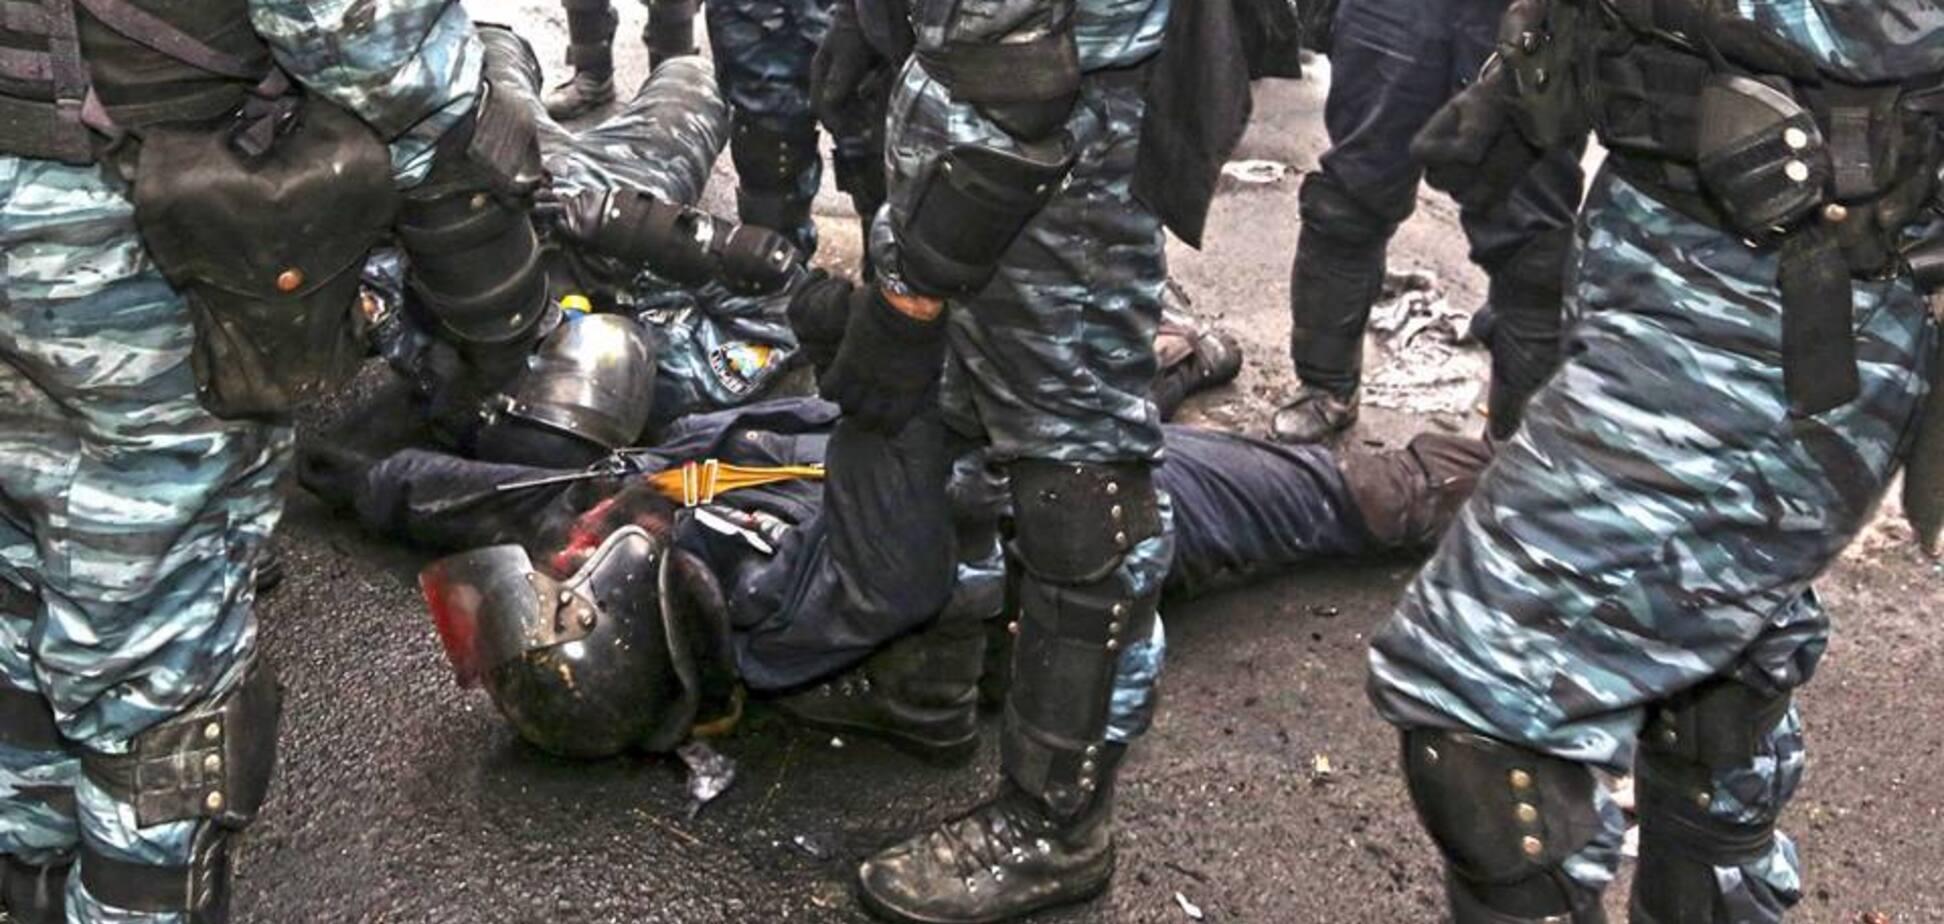 Перед расстрелом Майдана: опубликованы уникальные фото 'Беркута' 2014 года